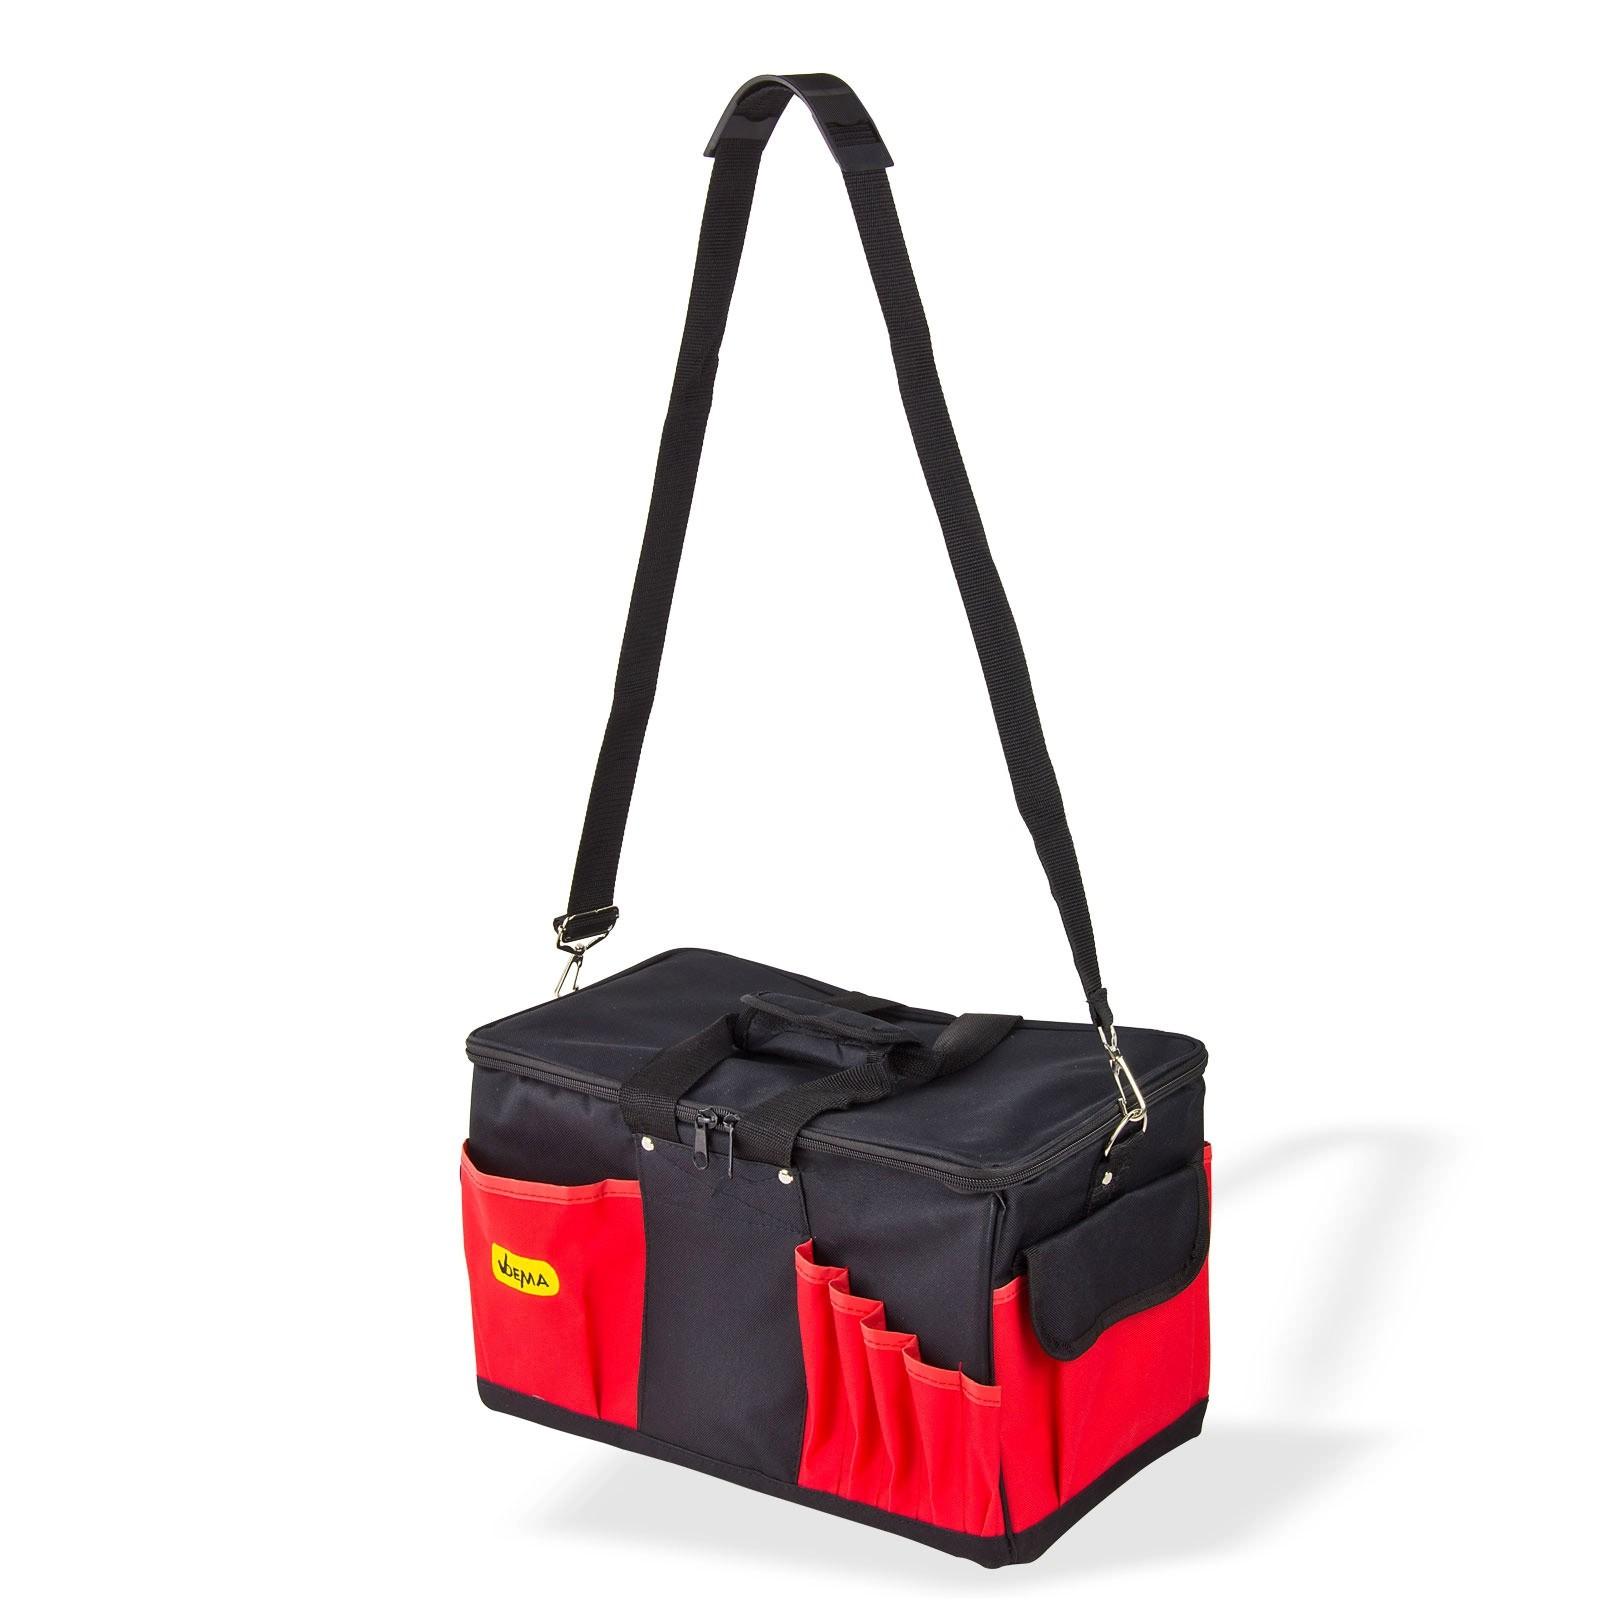 Dema Werkzeugtasche Werkzeug-Tasche Umhänge-Tasche große Montagetasche 14 Fächer 10312